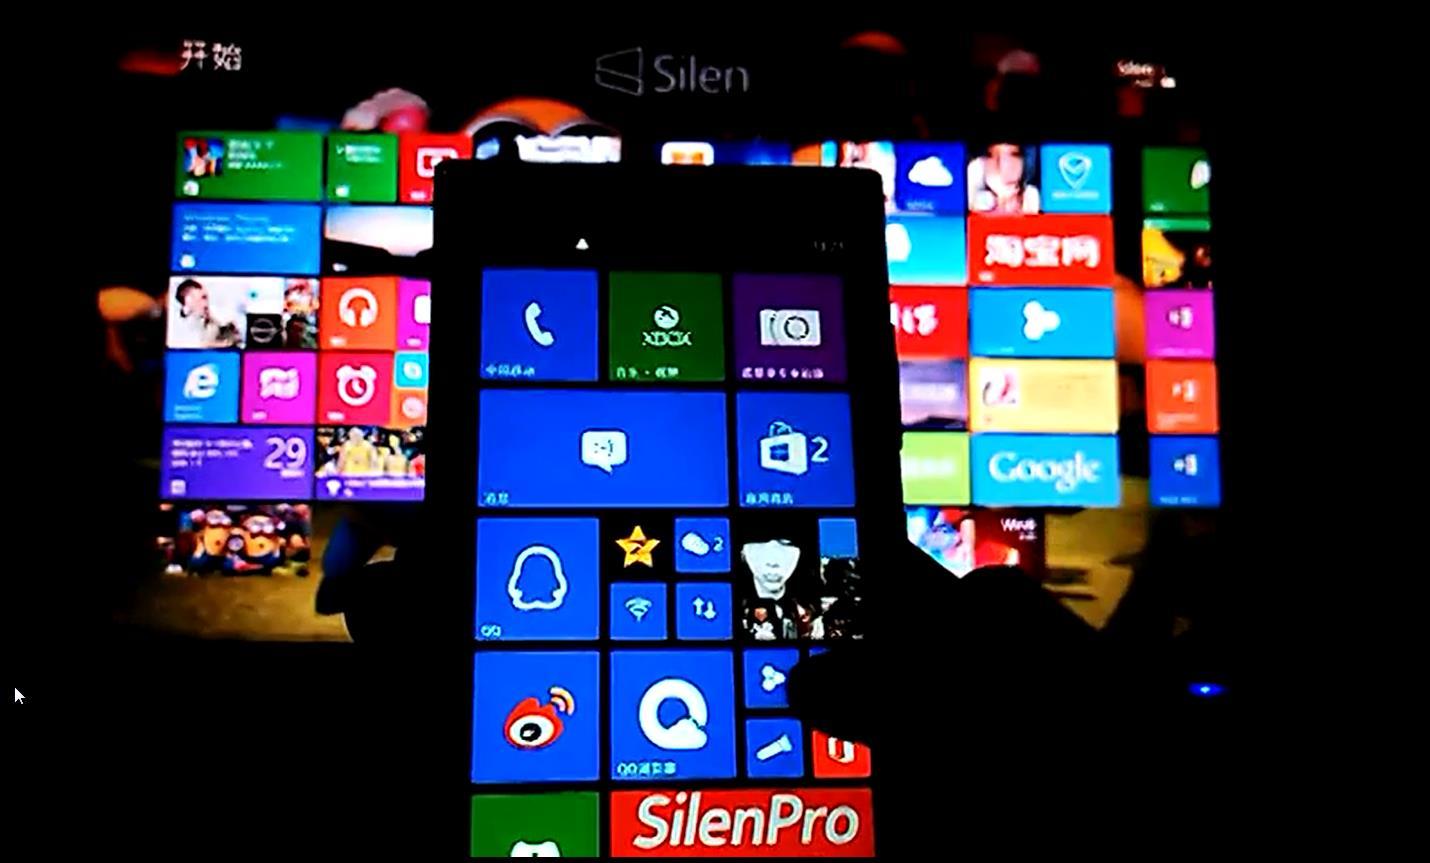 Nokia Lumia 920 hackeado